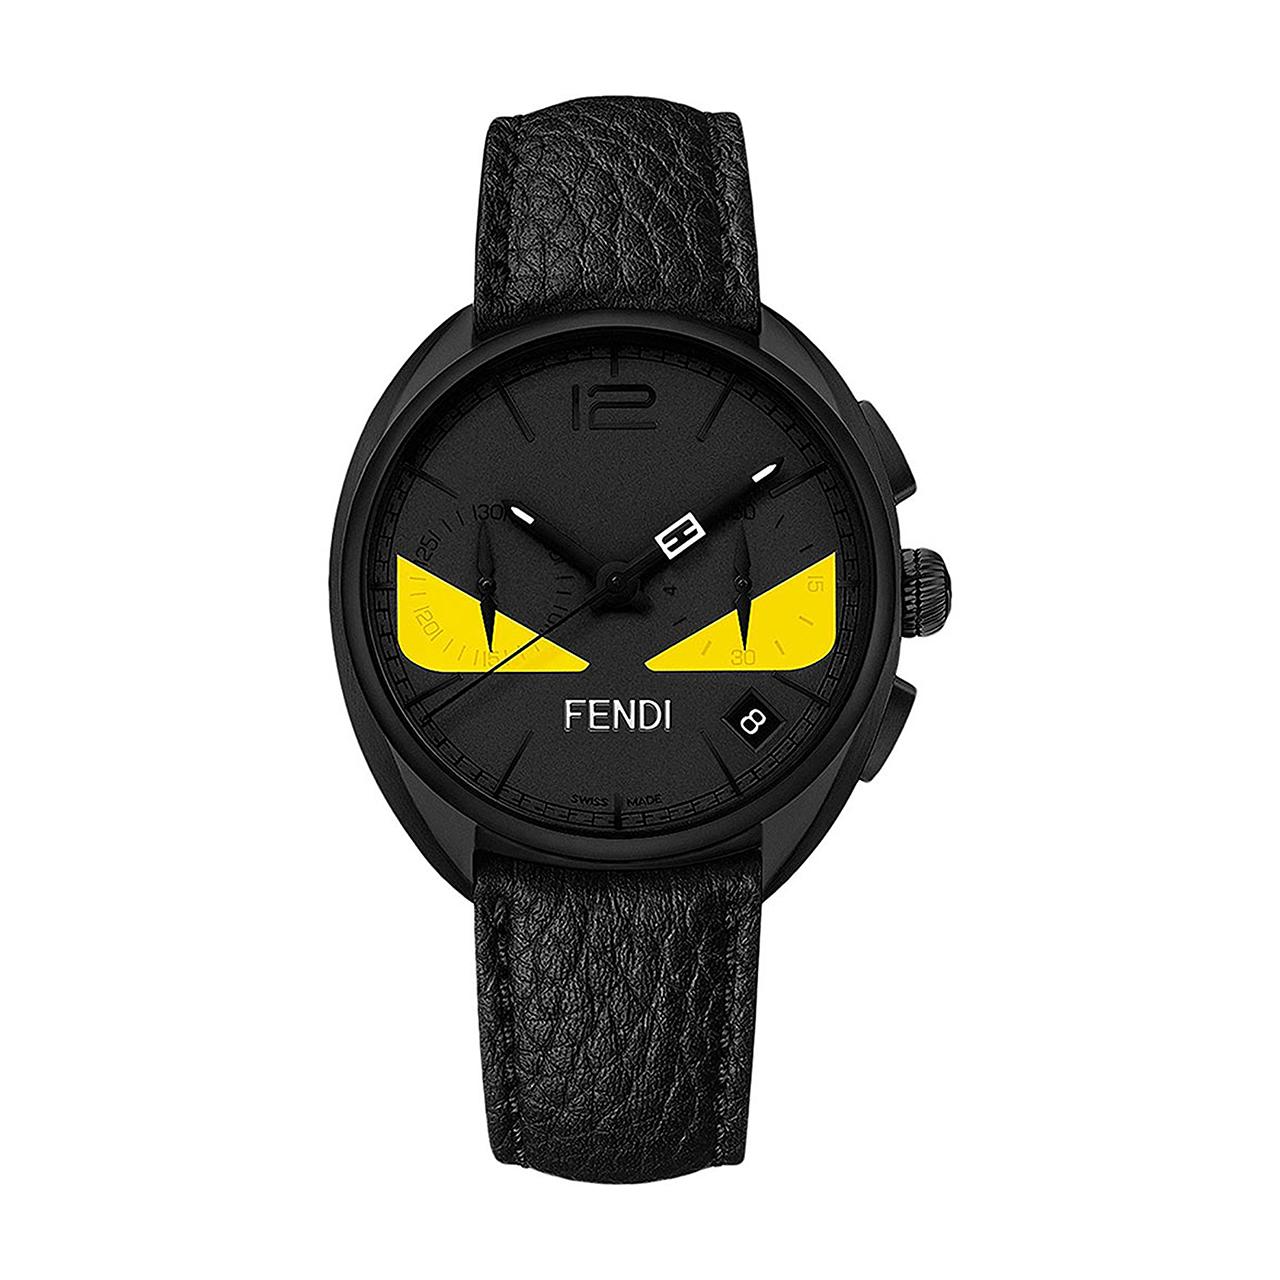 خرید ساعت مچی عقربه ای مردانه فندی مدل F214611611